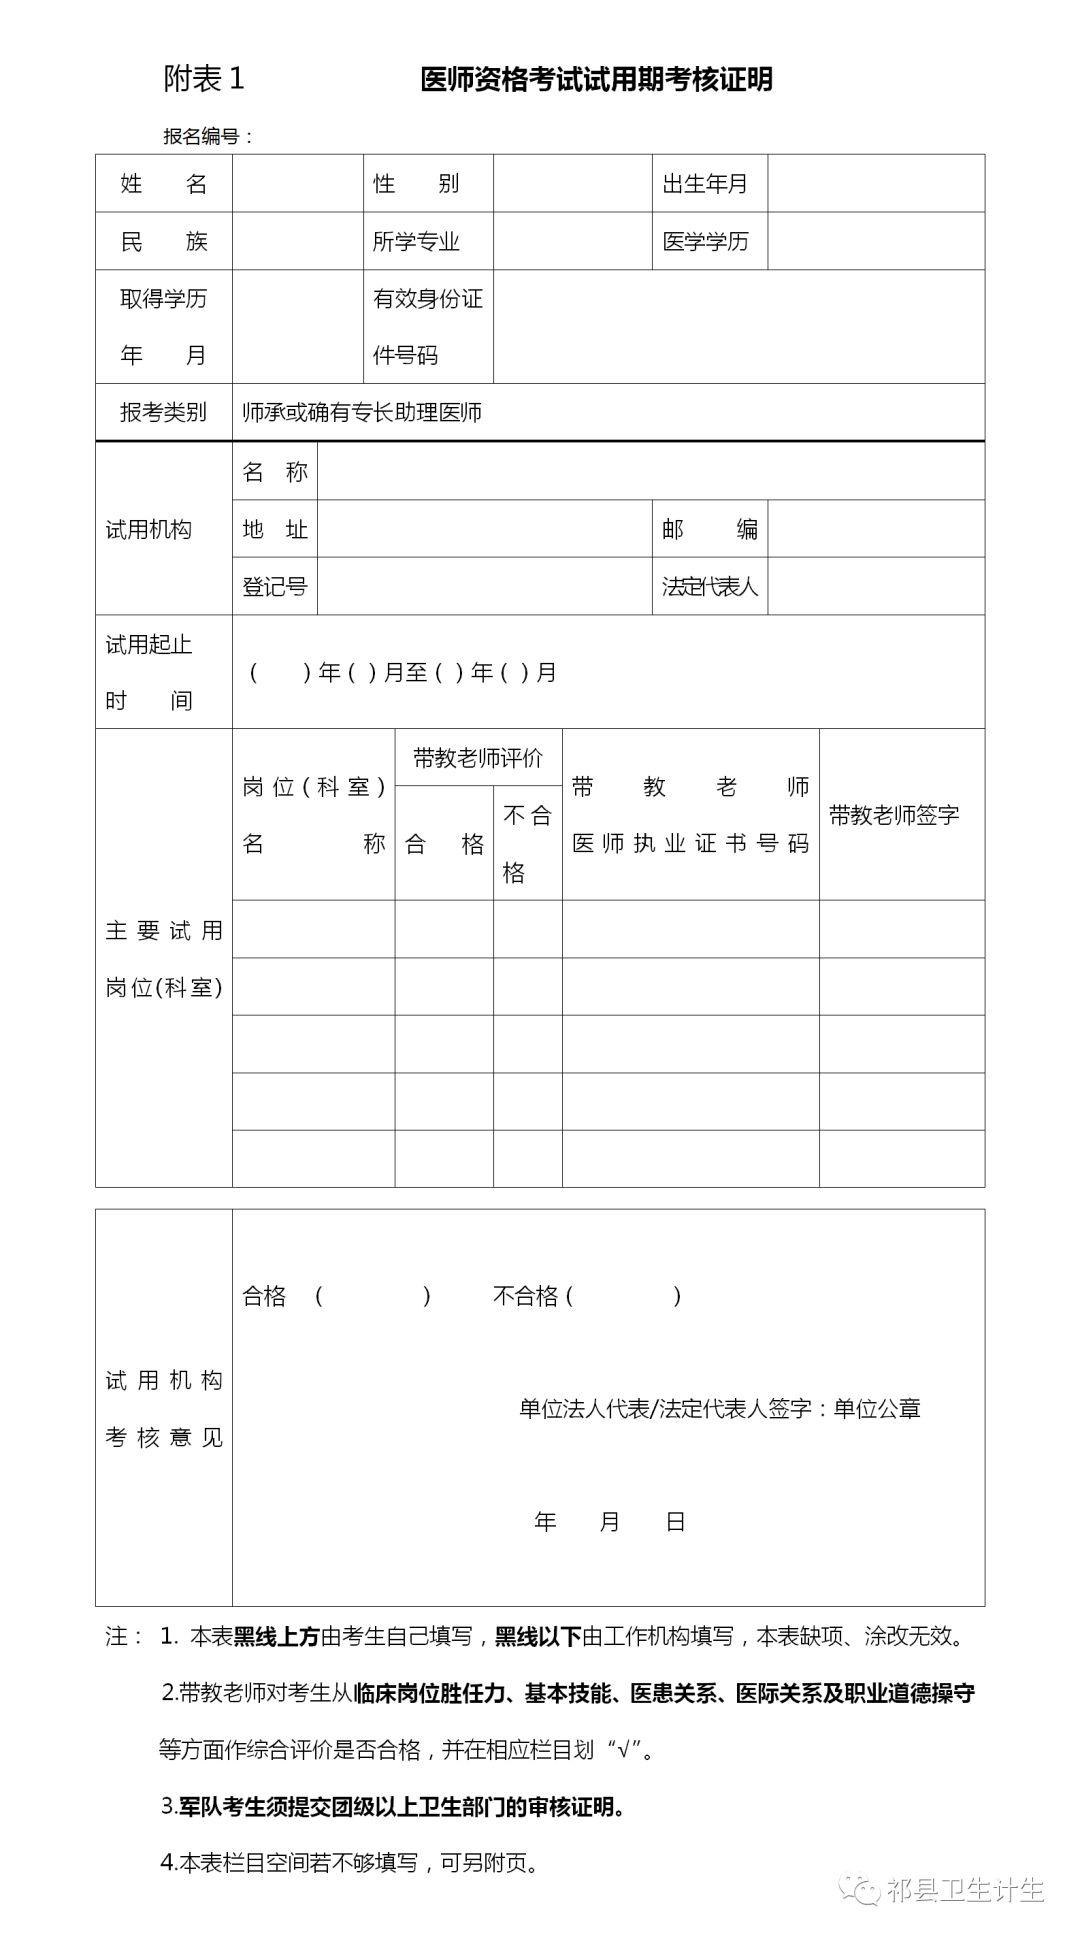 【2020年医师资格考试现场审核公告】